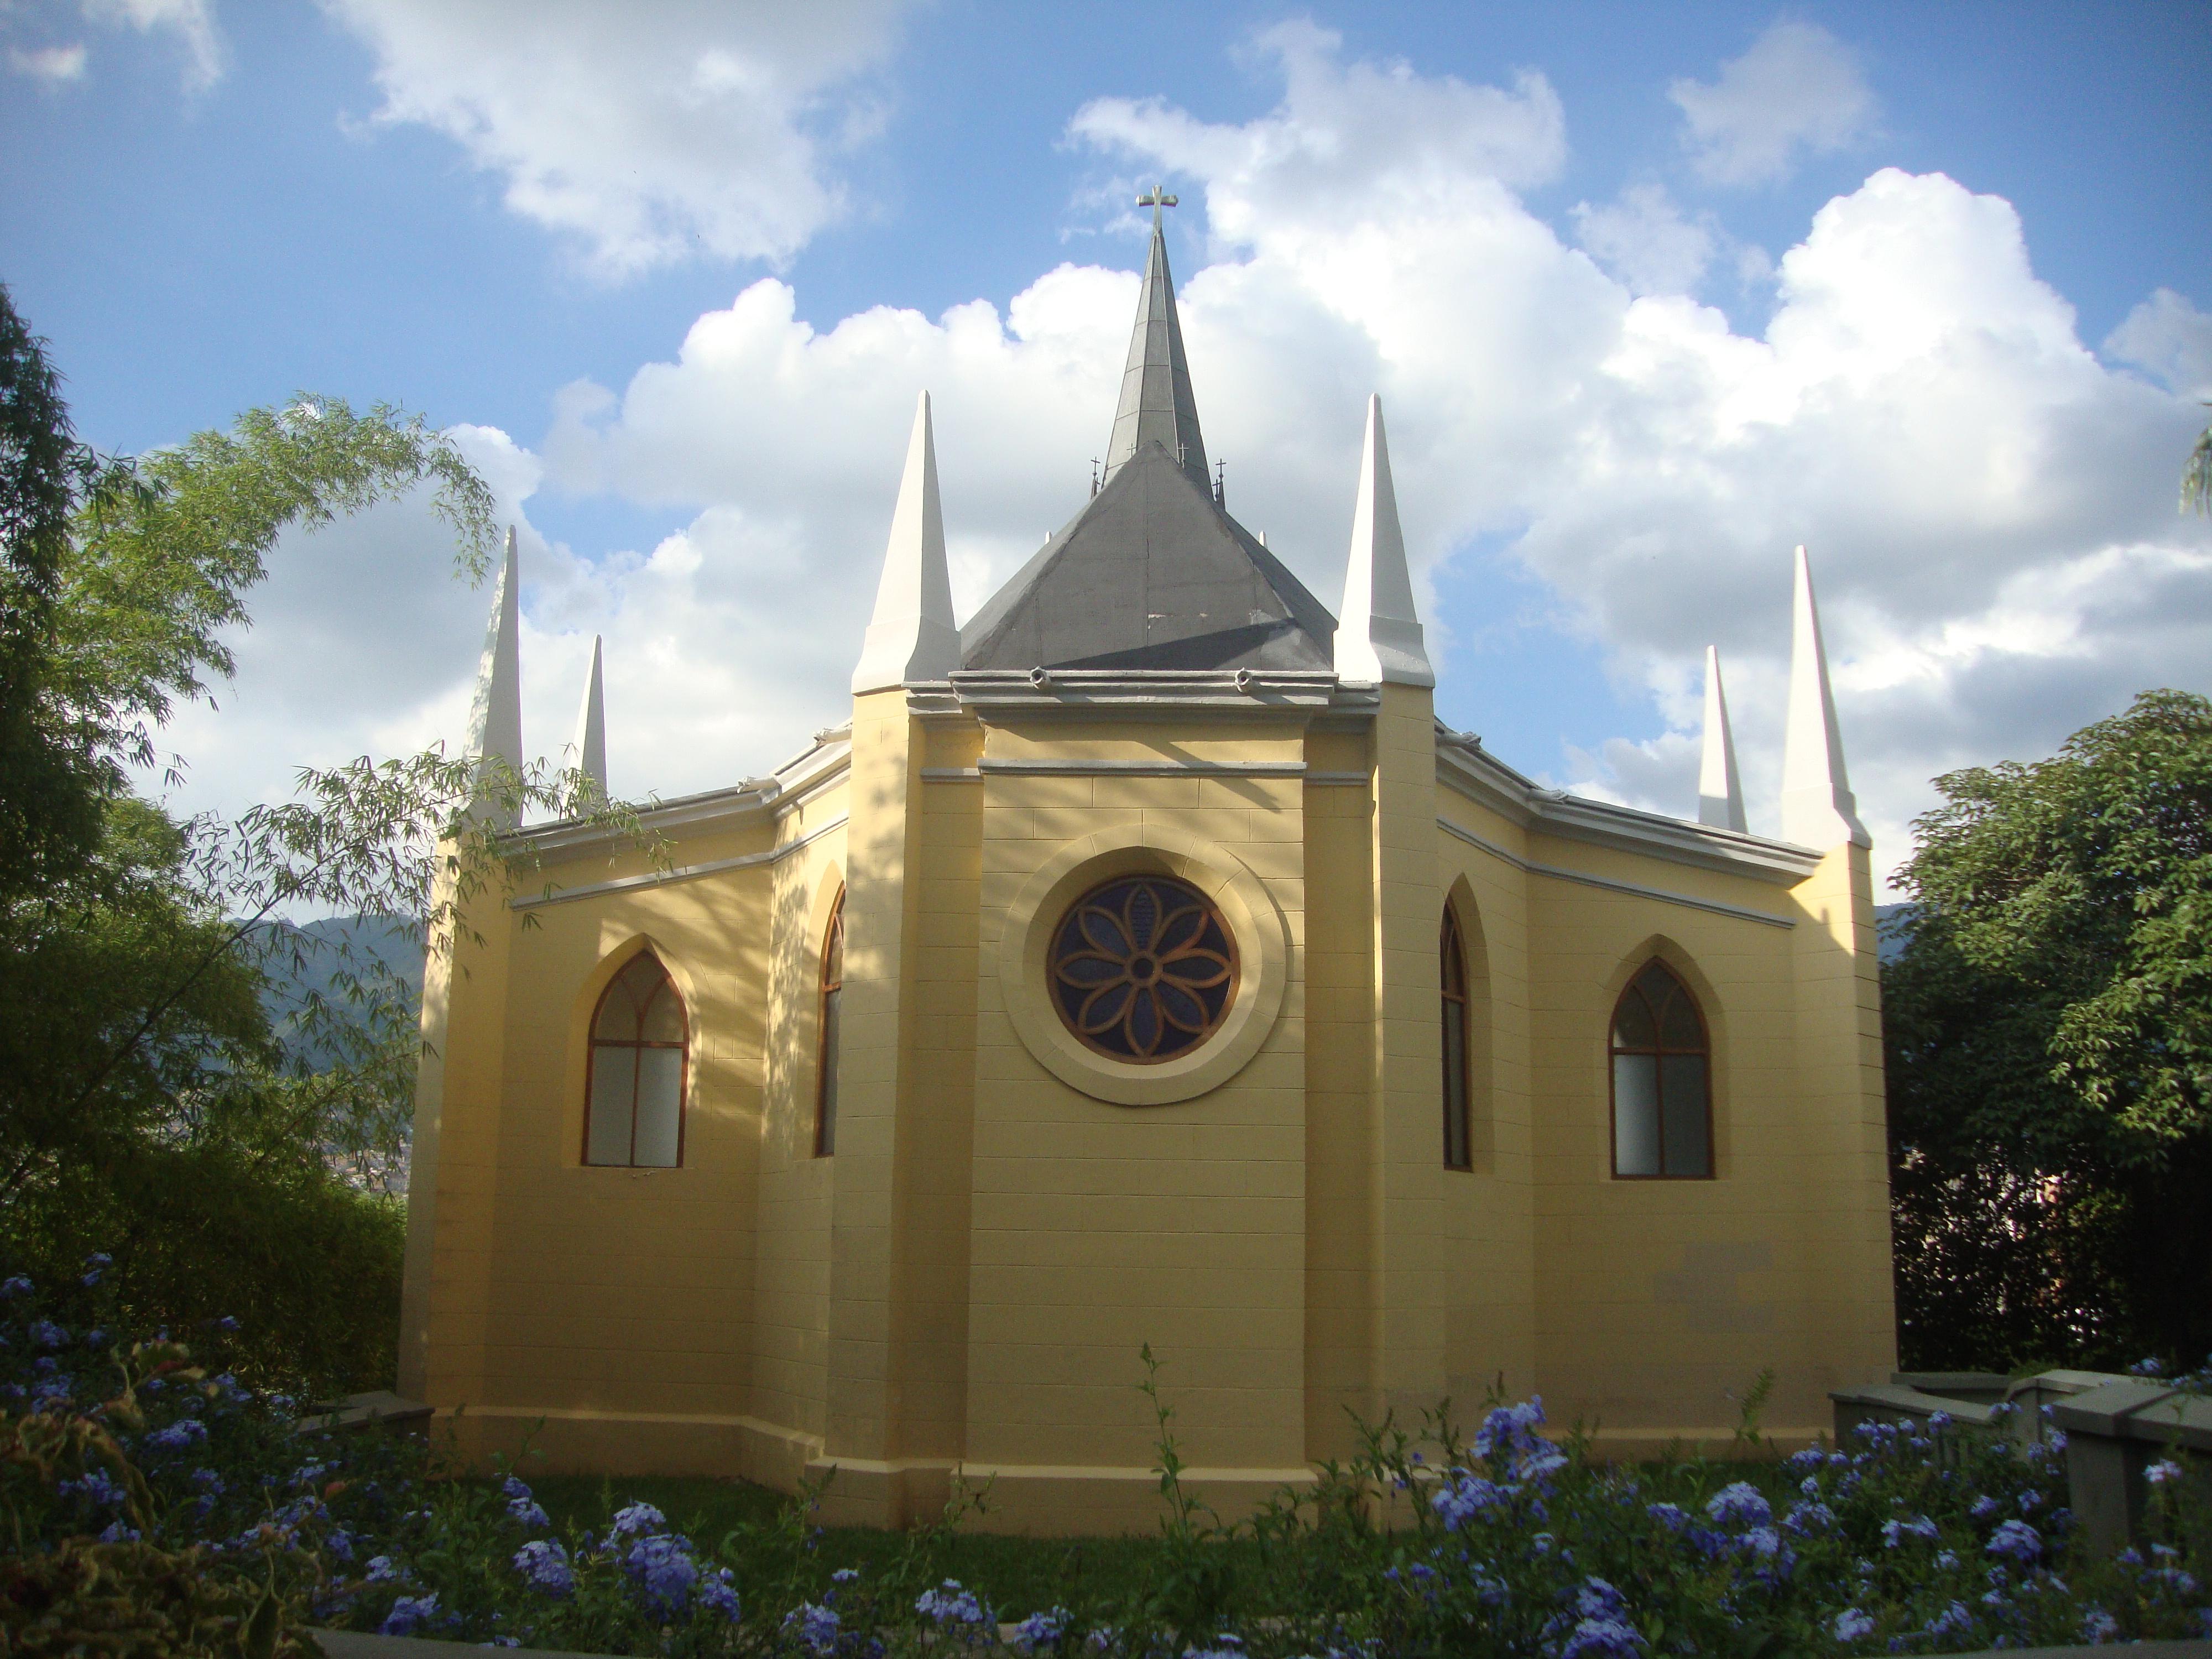 Archivo Capilla Nuestra Señora De Lourdes Parte Posterior Jpg Wikipedia La Enciclopedia Libre